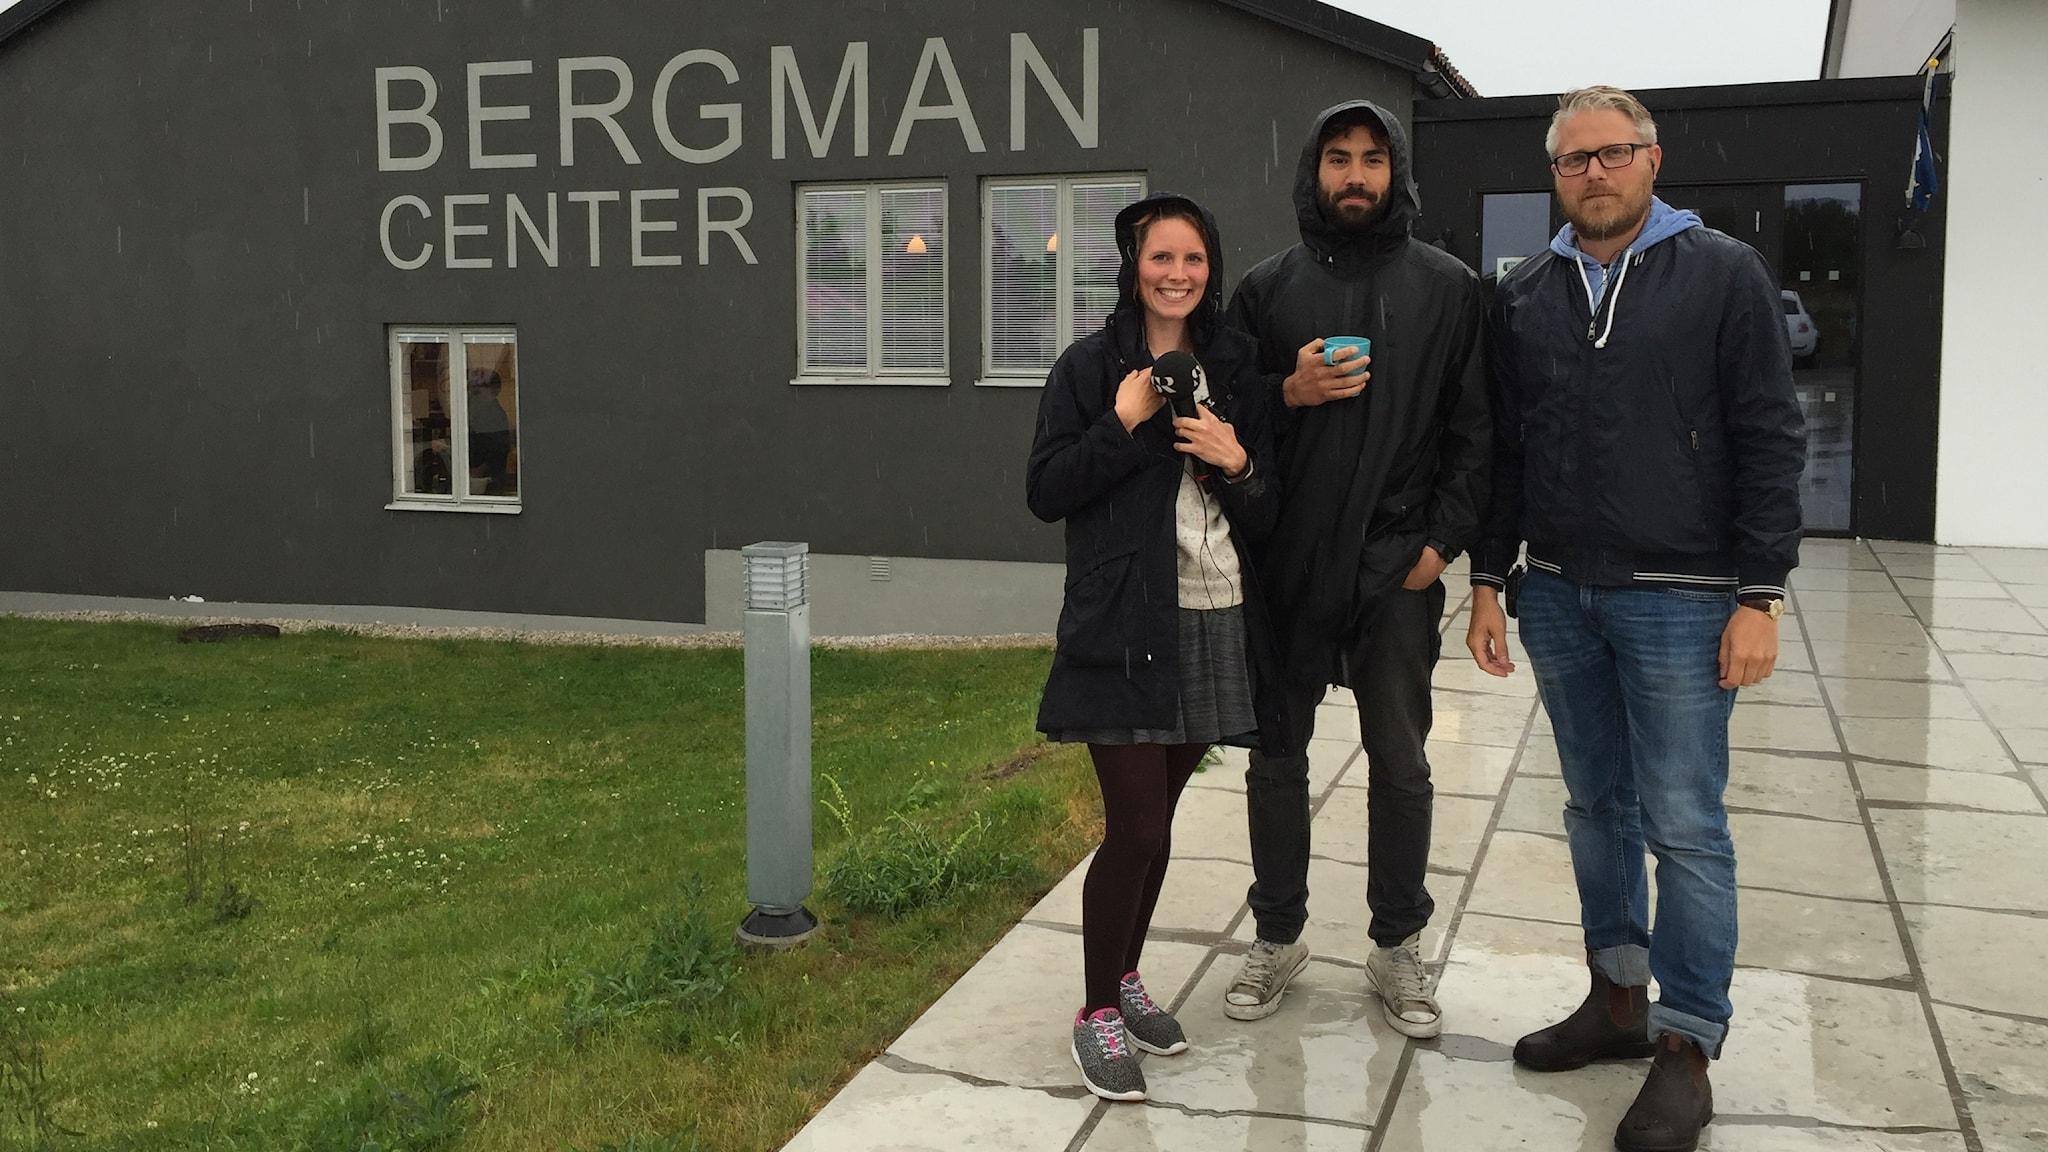 Amanda, Demir och Anton från Bergmancenter på Fårö. Foto: Sveriges Radio